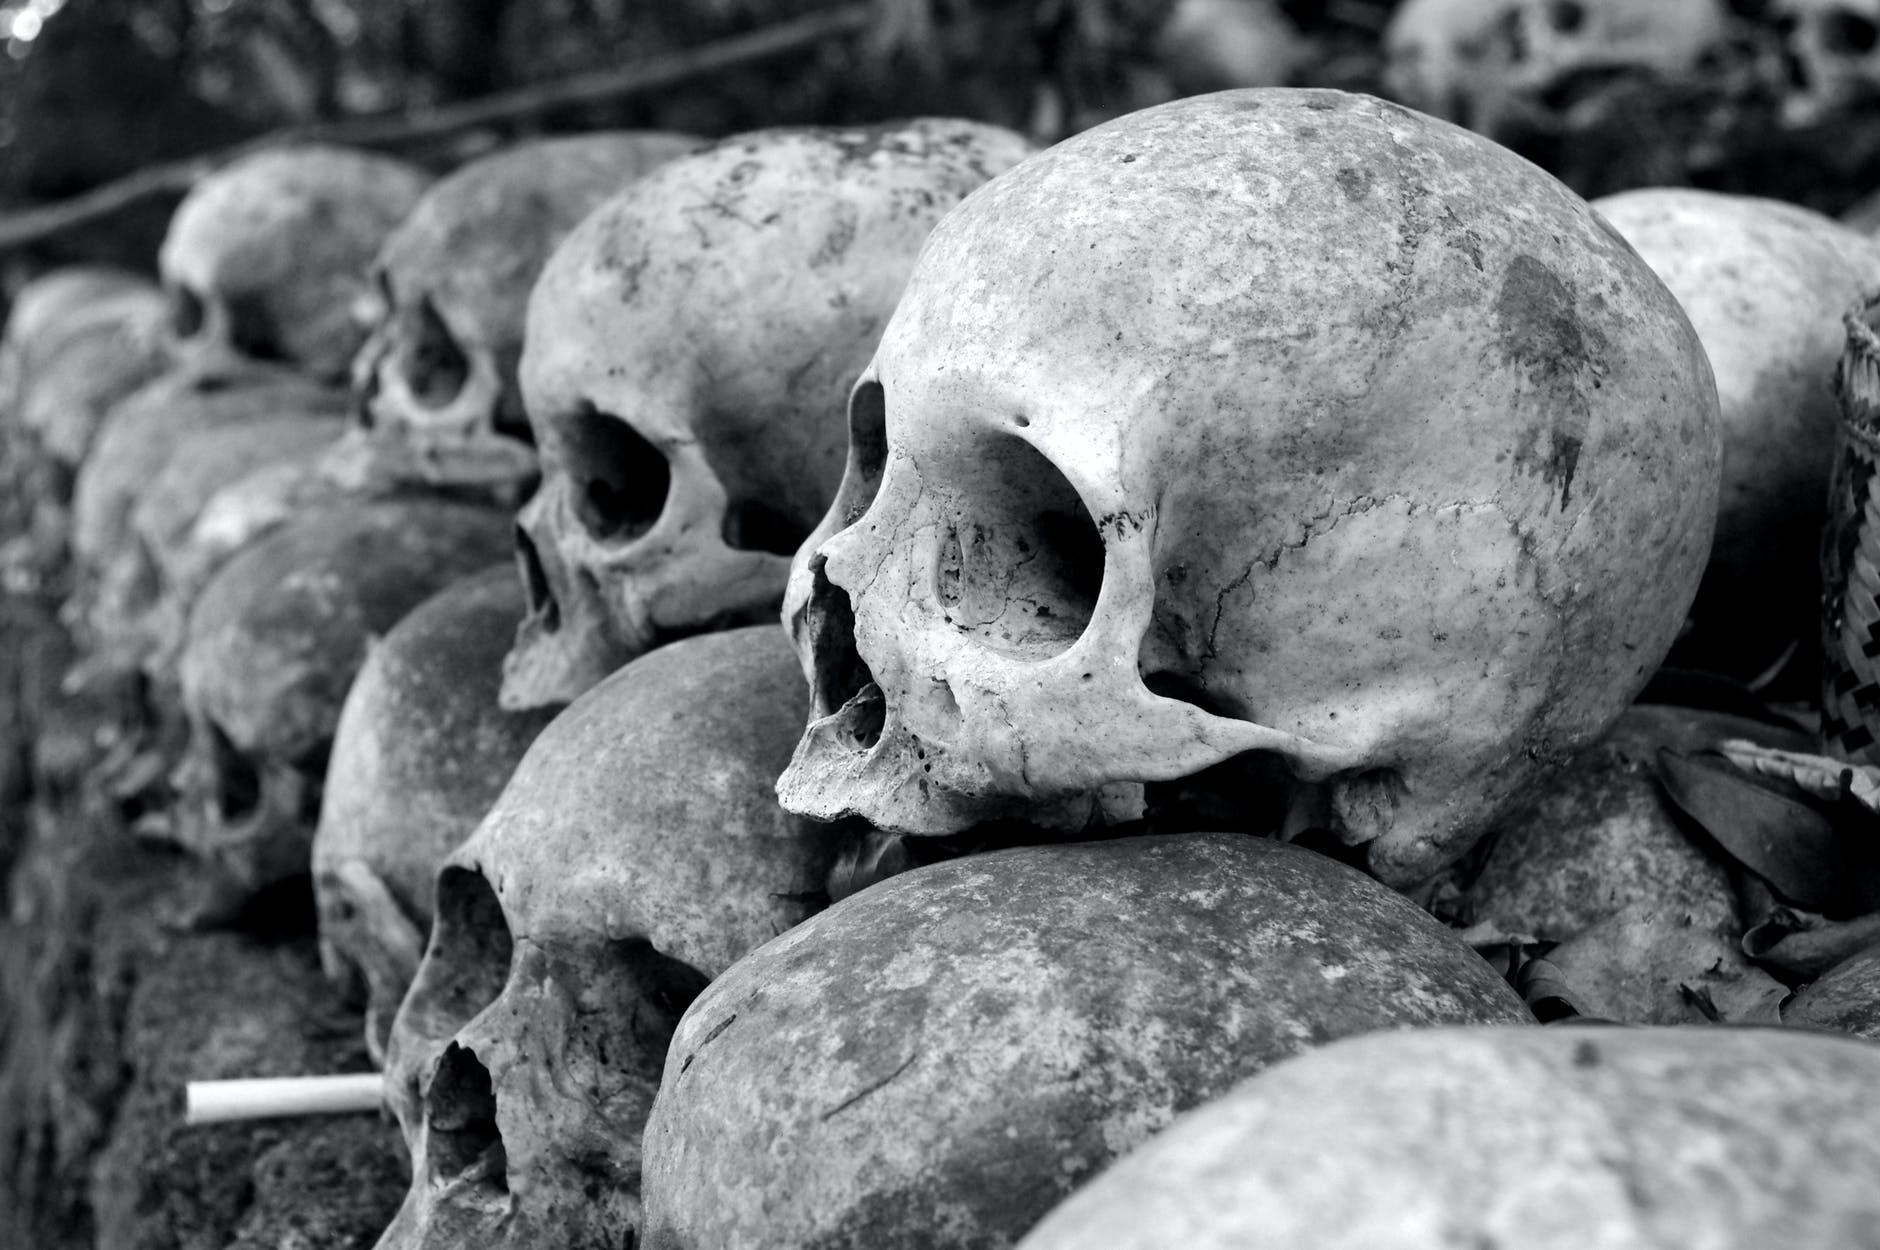 Brasil Menggali Kuburan Untuk Memberi Ruang Kuburan